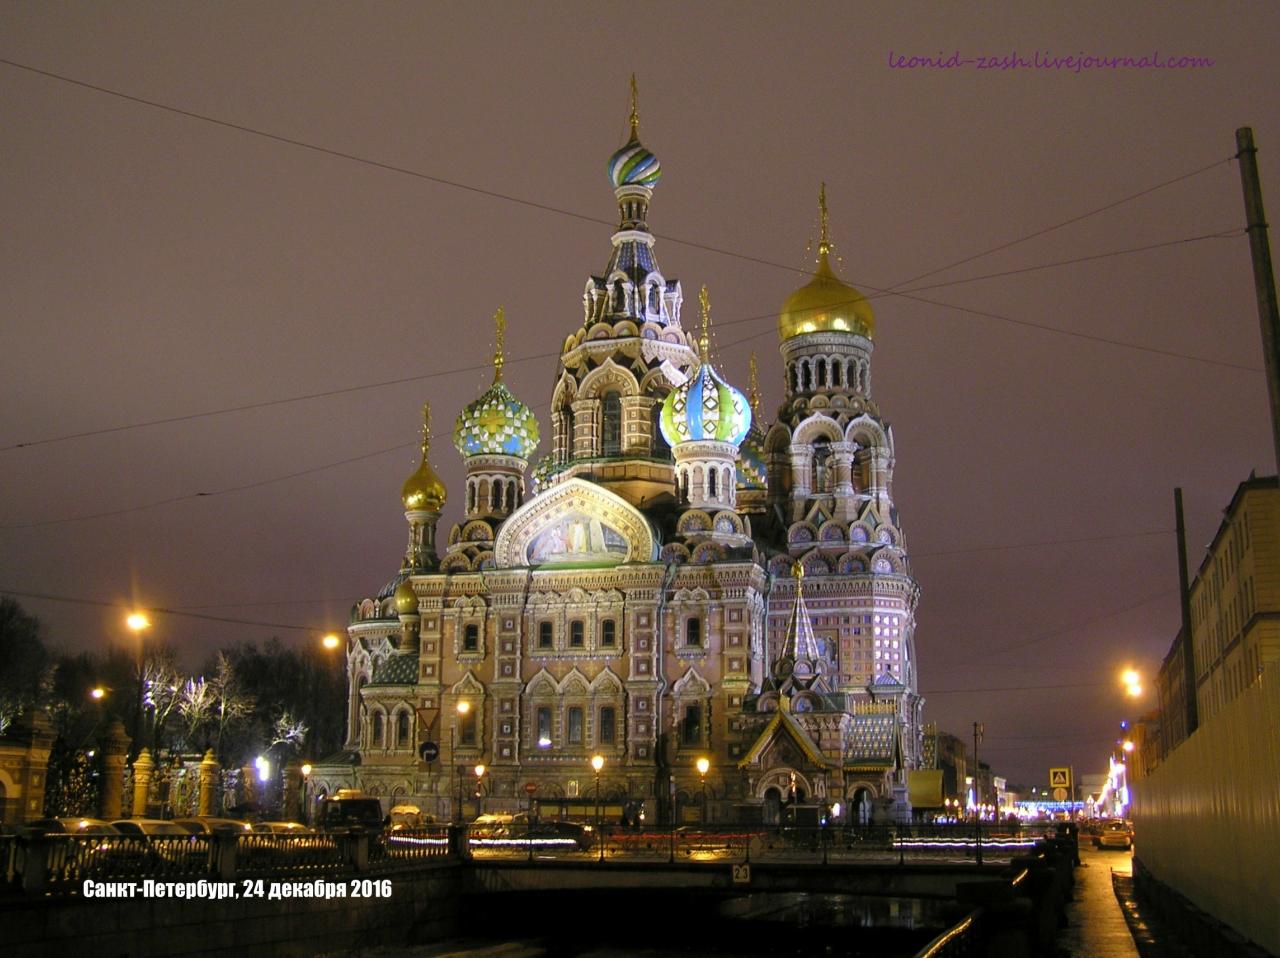 Санкт-Петербург 06.JPG